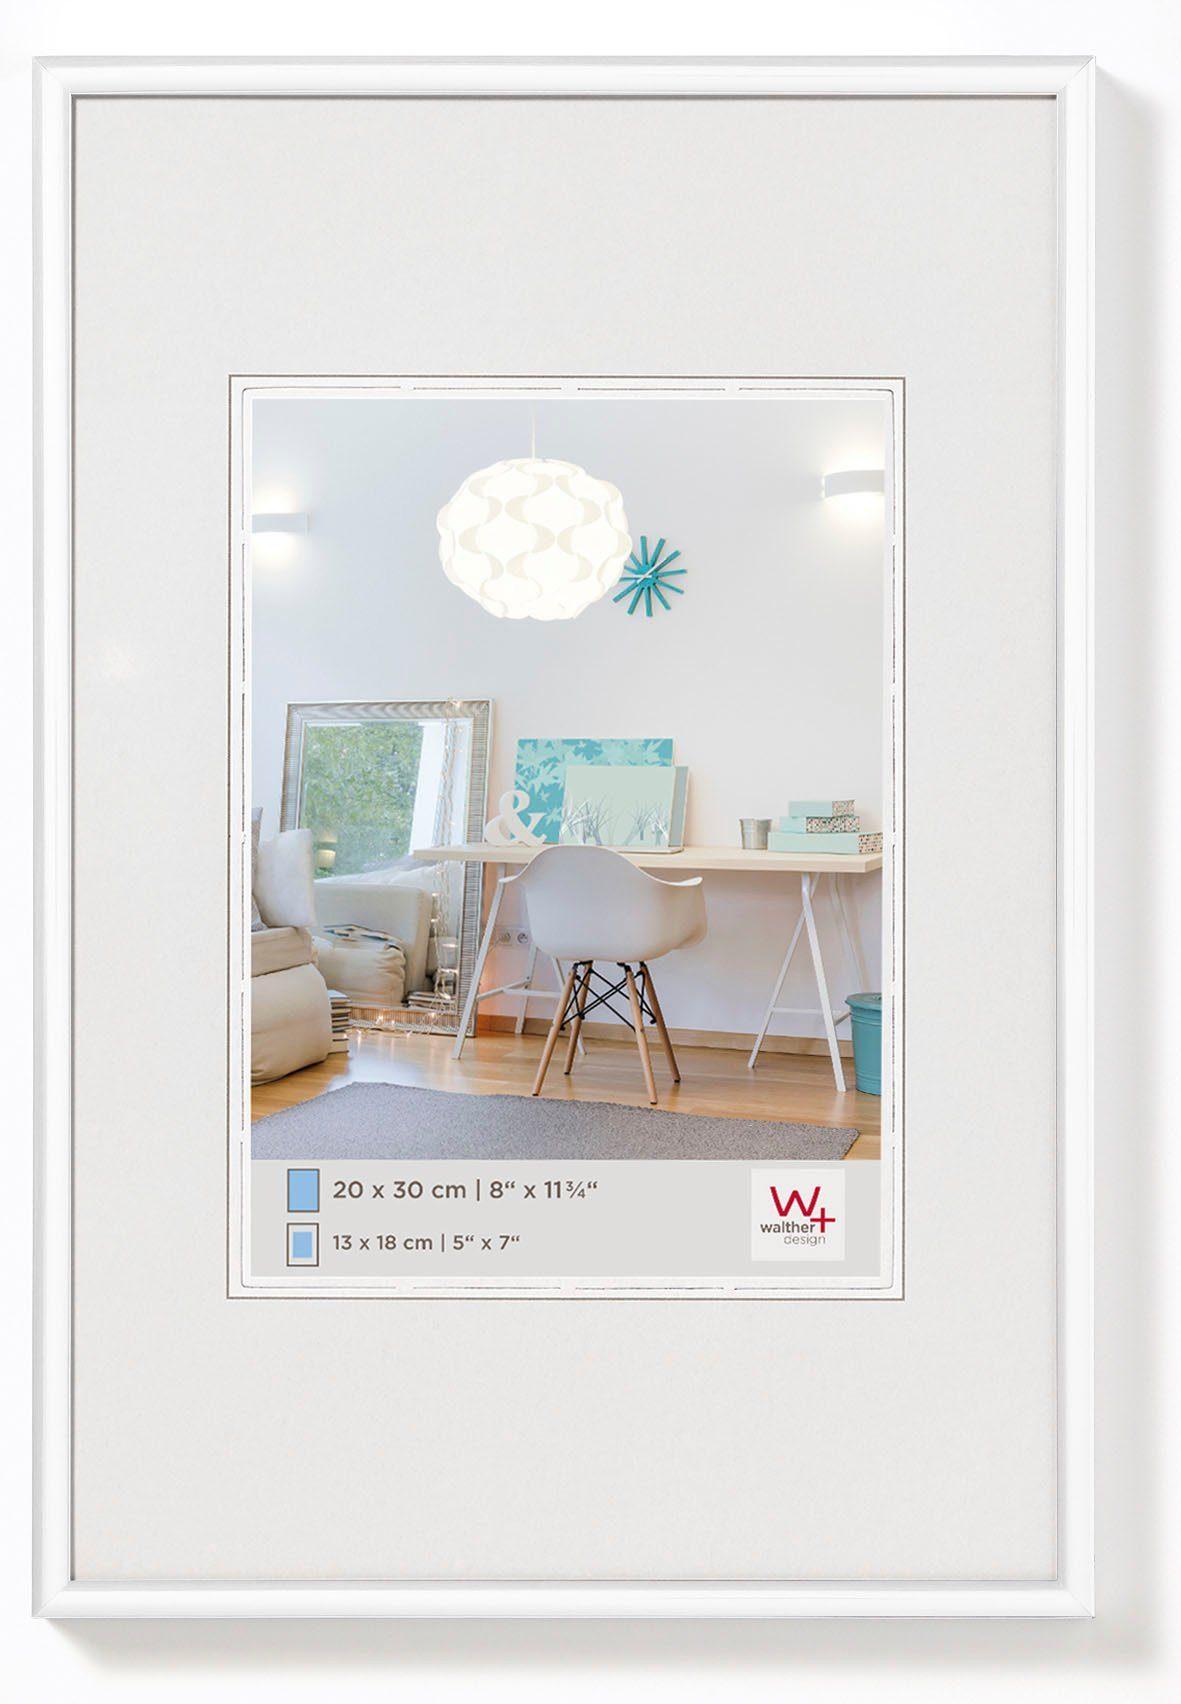 Walther New Lifestyle Fotolijst Fotoformaat 40x60 cm Wit online kopen